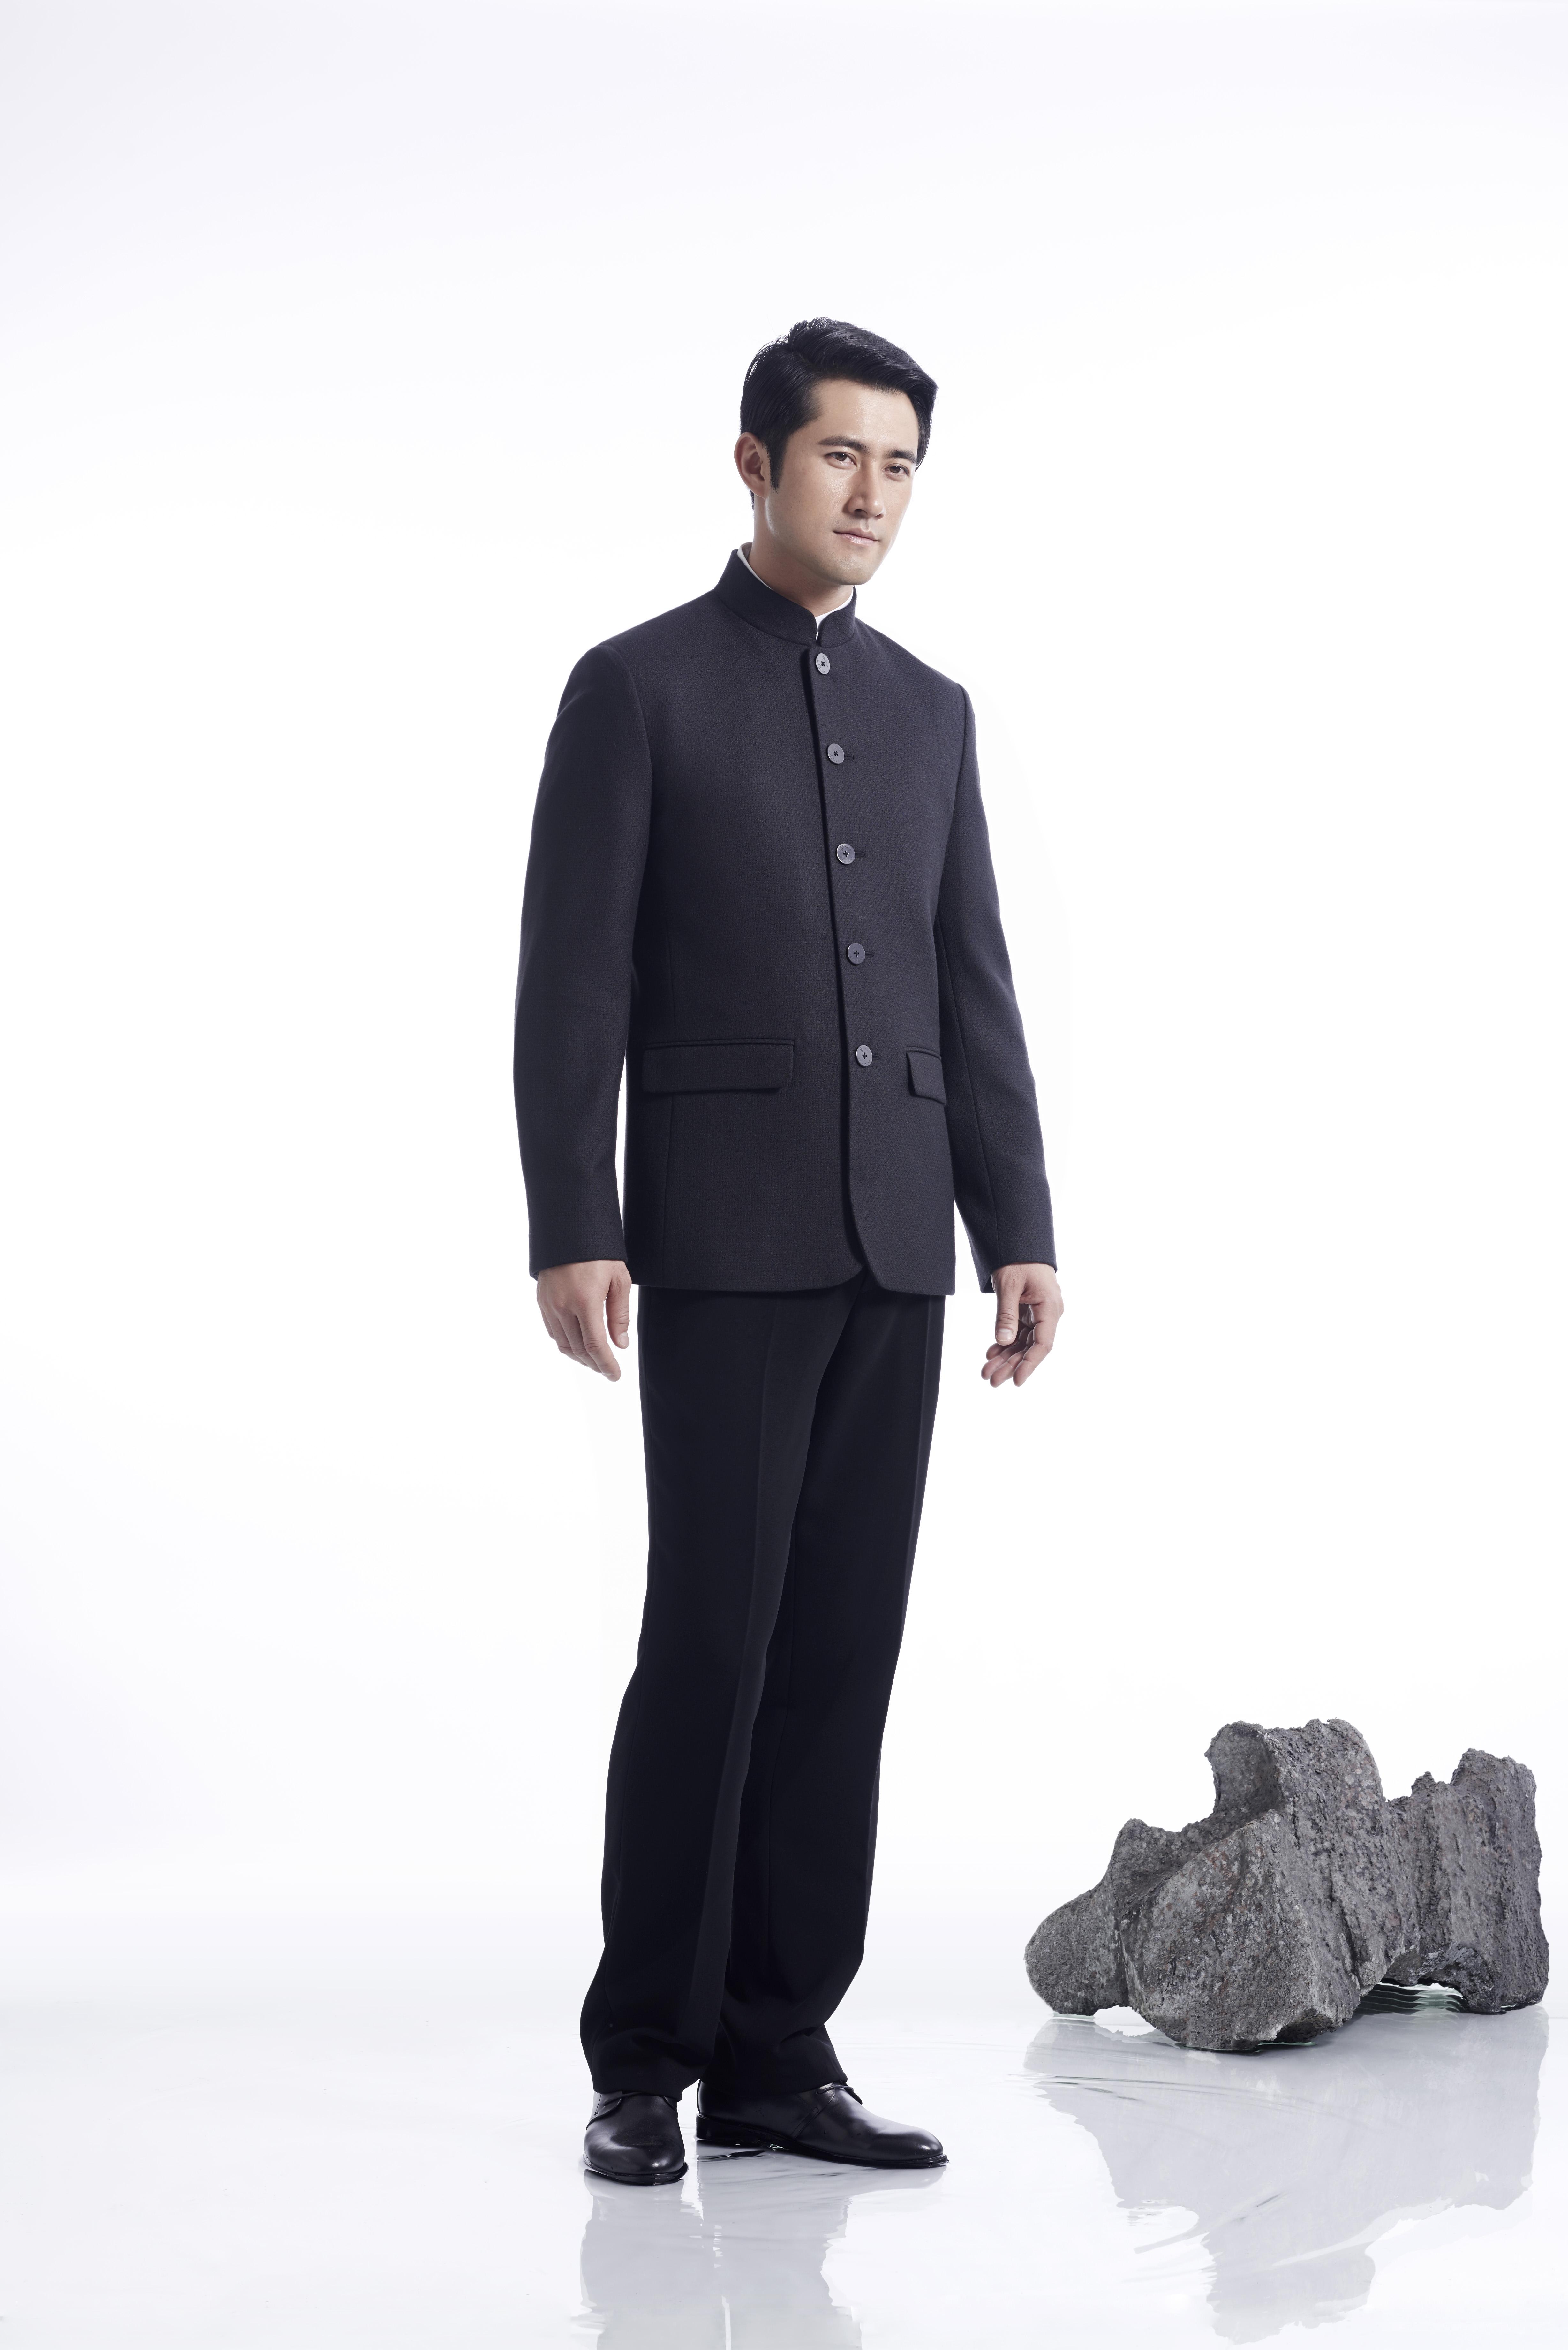 Model Factory Korean Male Model SongD